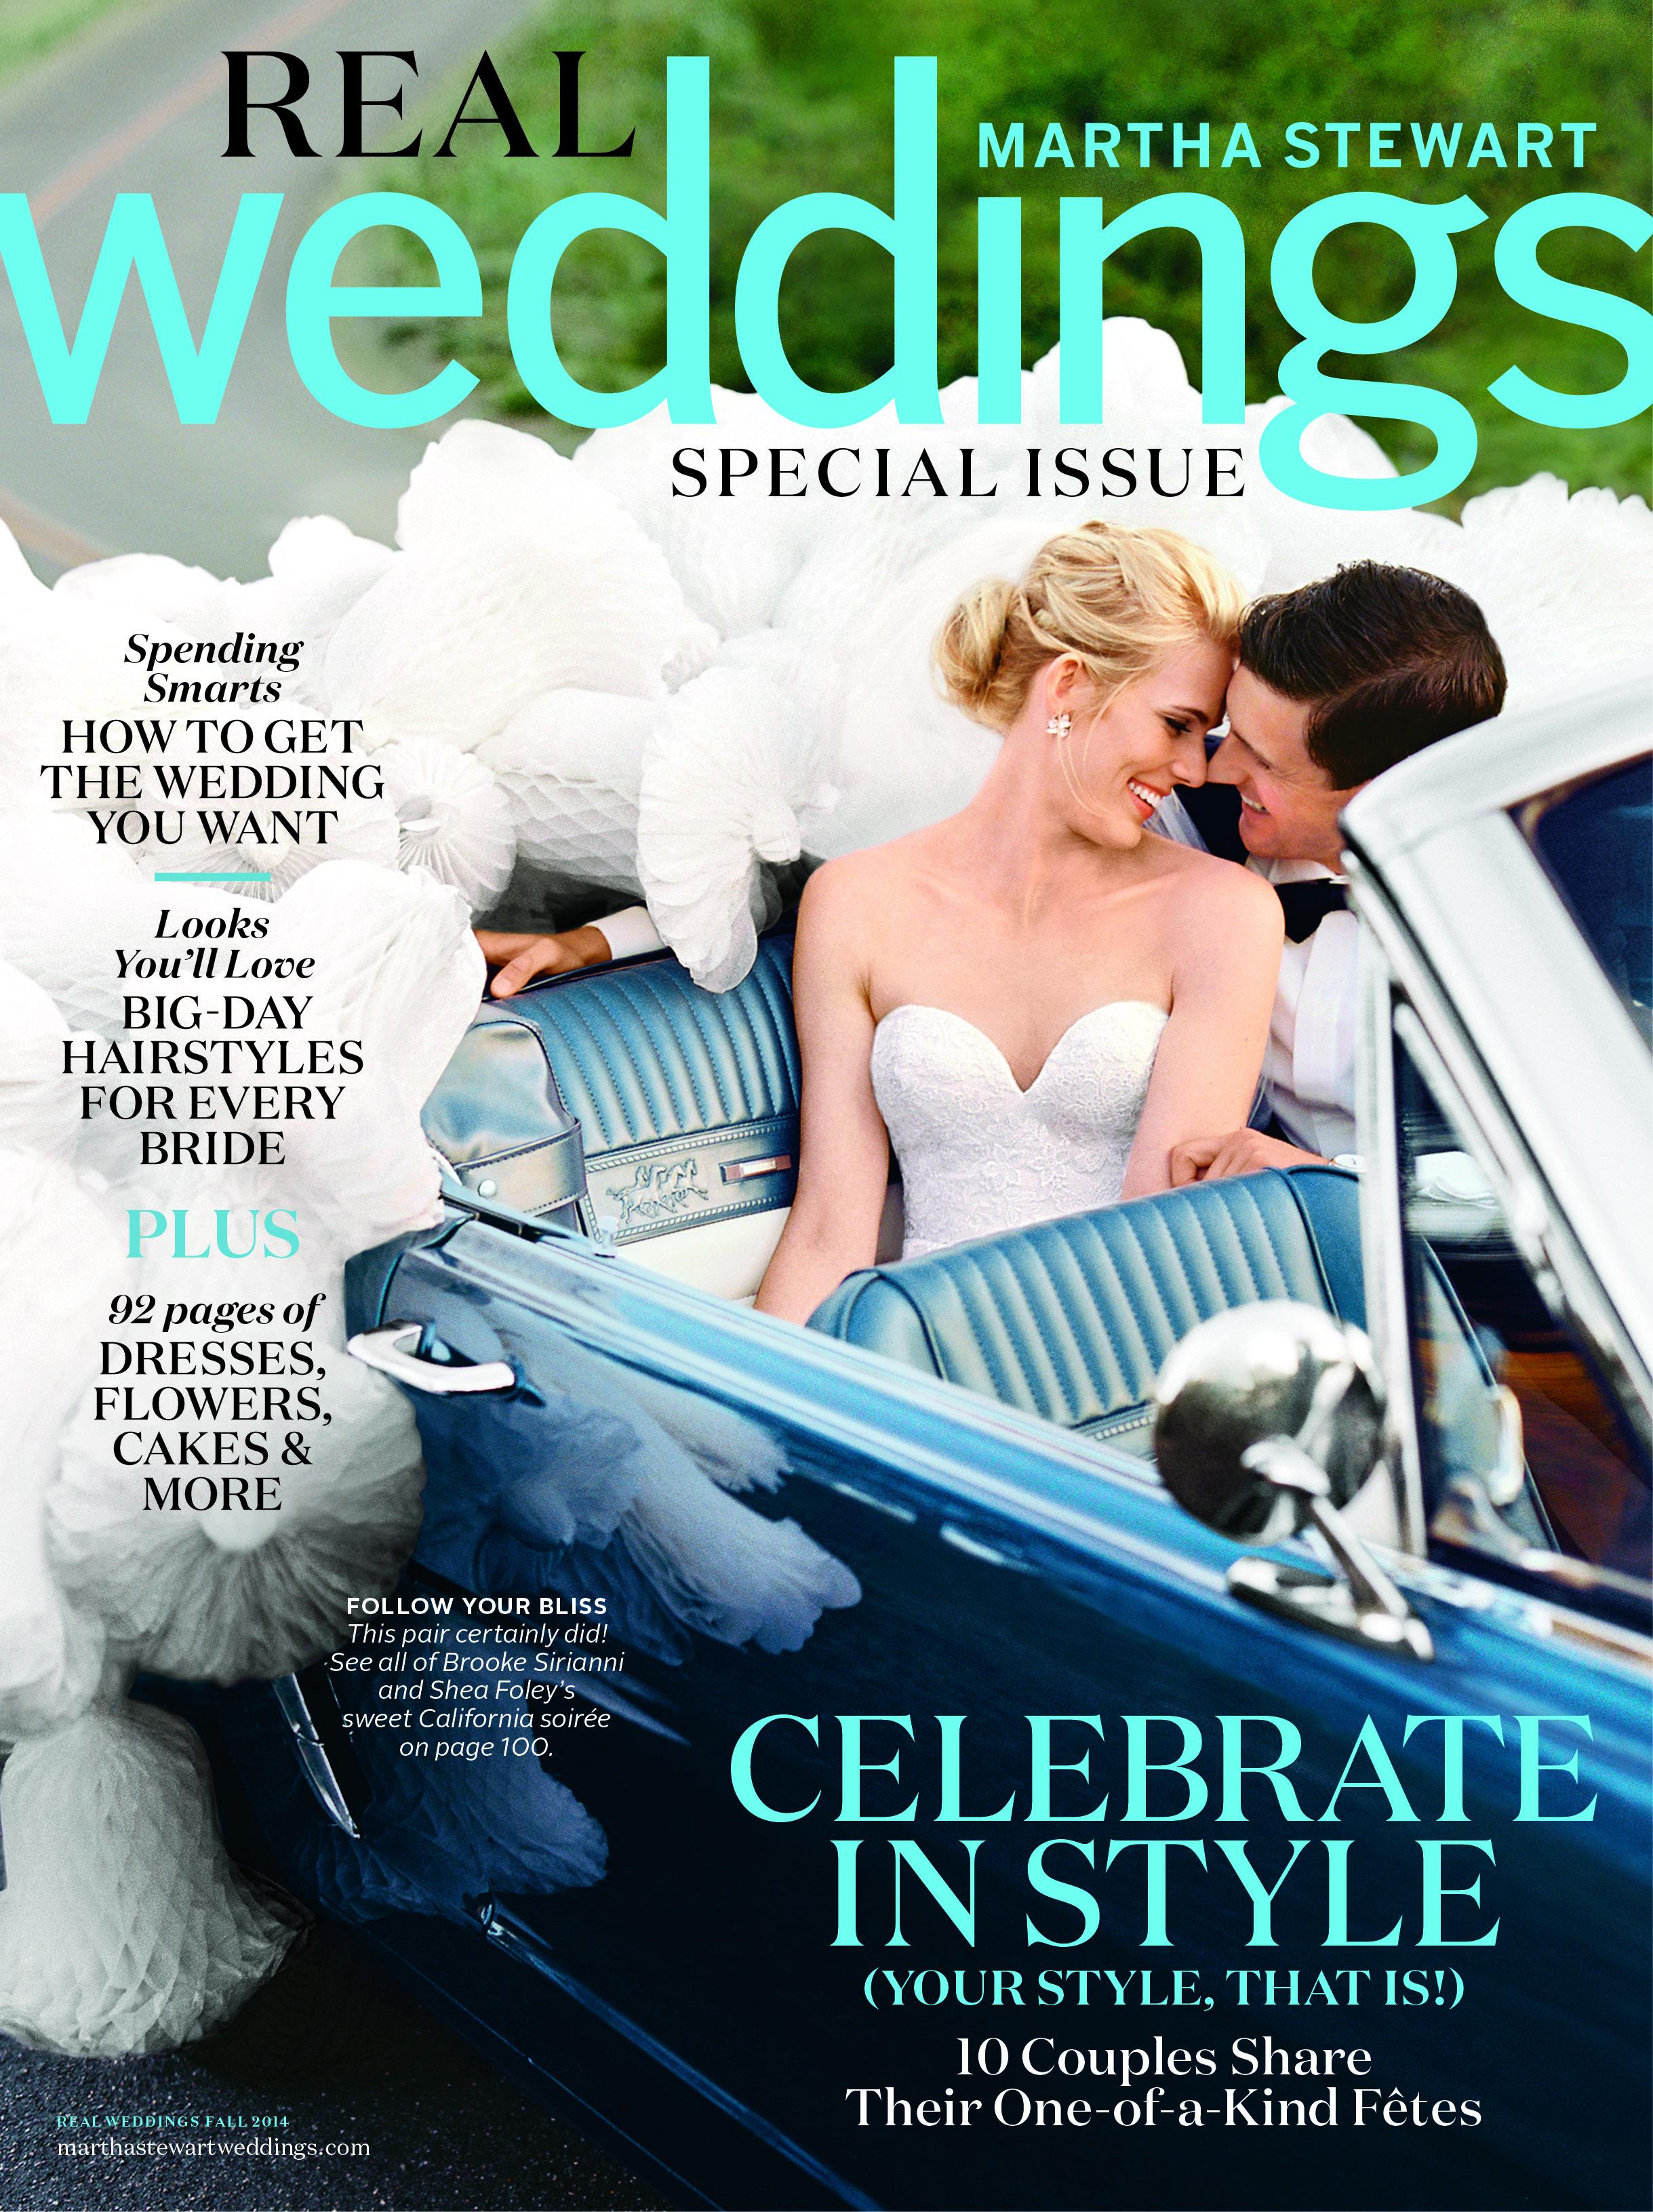 035_Martha Stewart_Real Weddings_Fall 2014.jpg